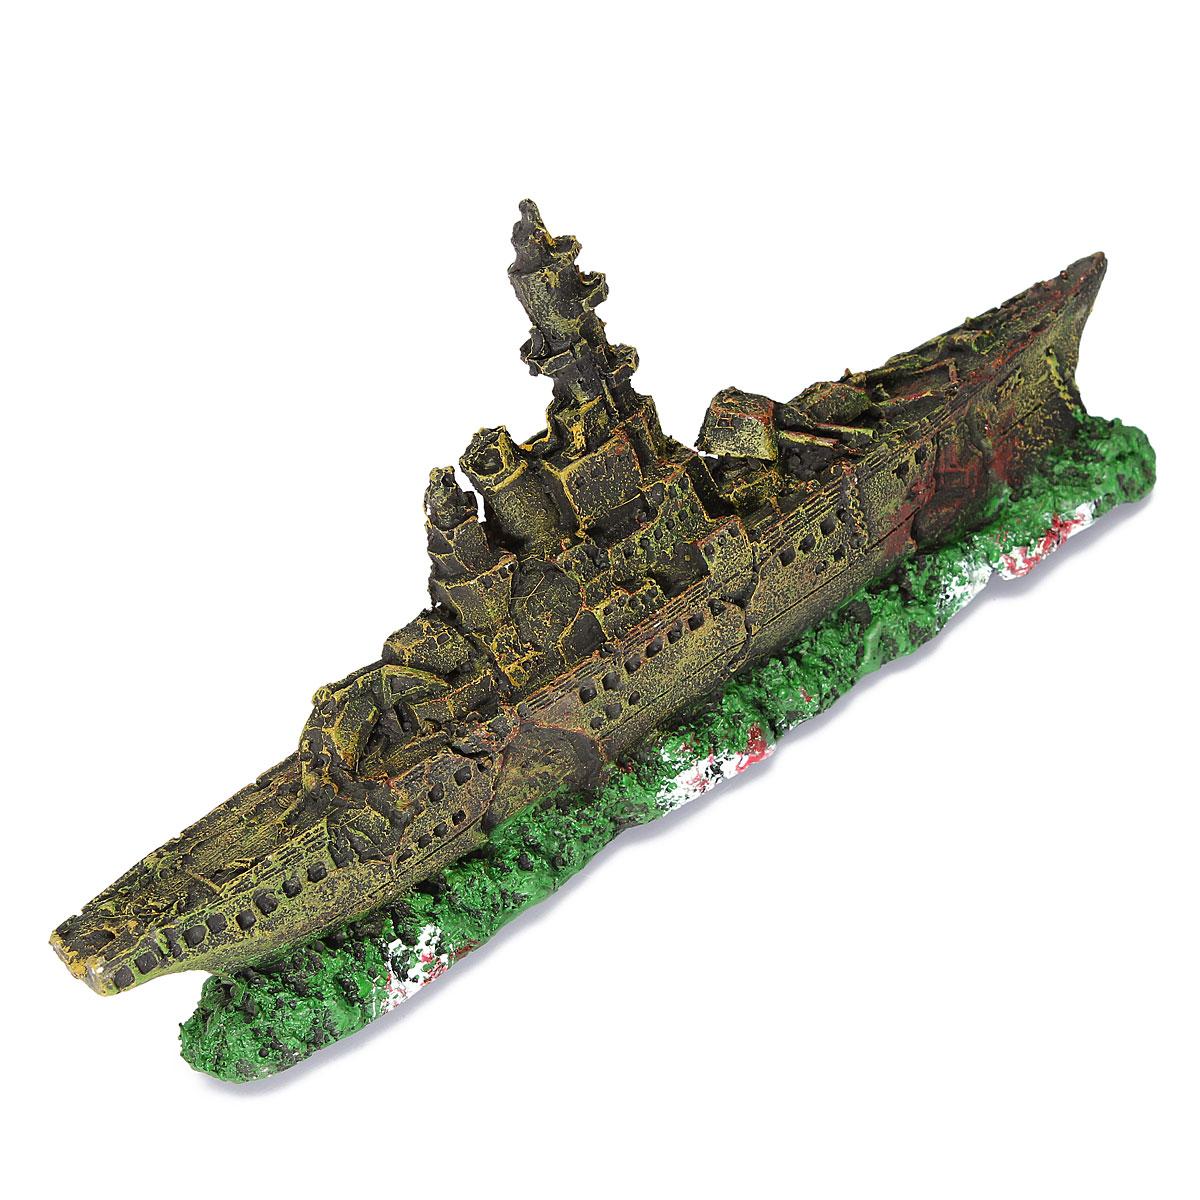 Autoleader aquarium ornament navy war boat ship wreck for Aquarium decoration ship